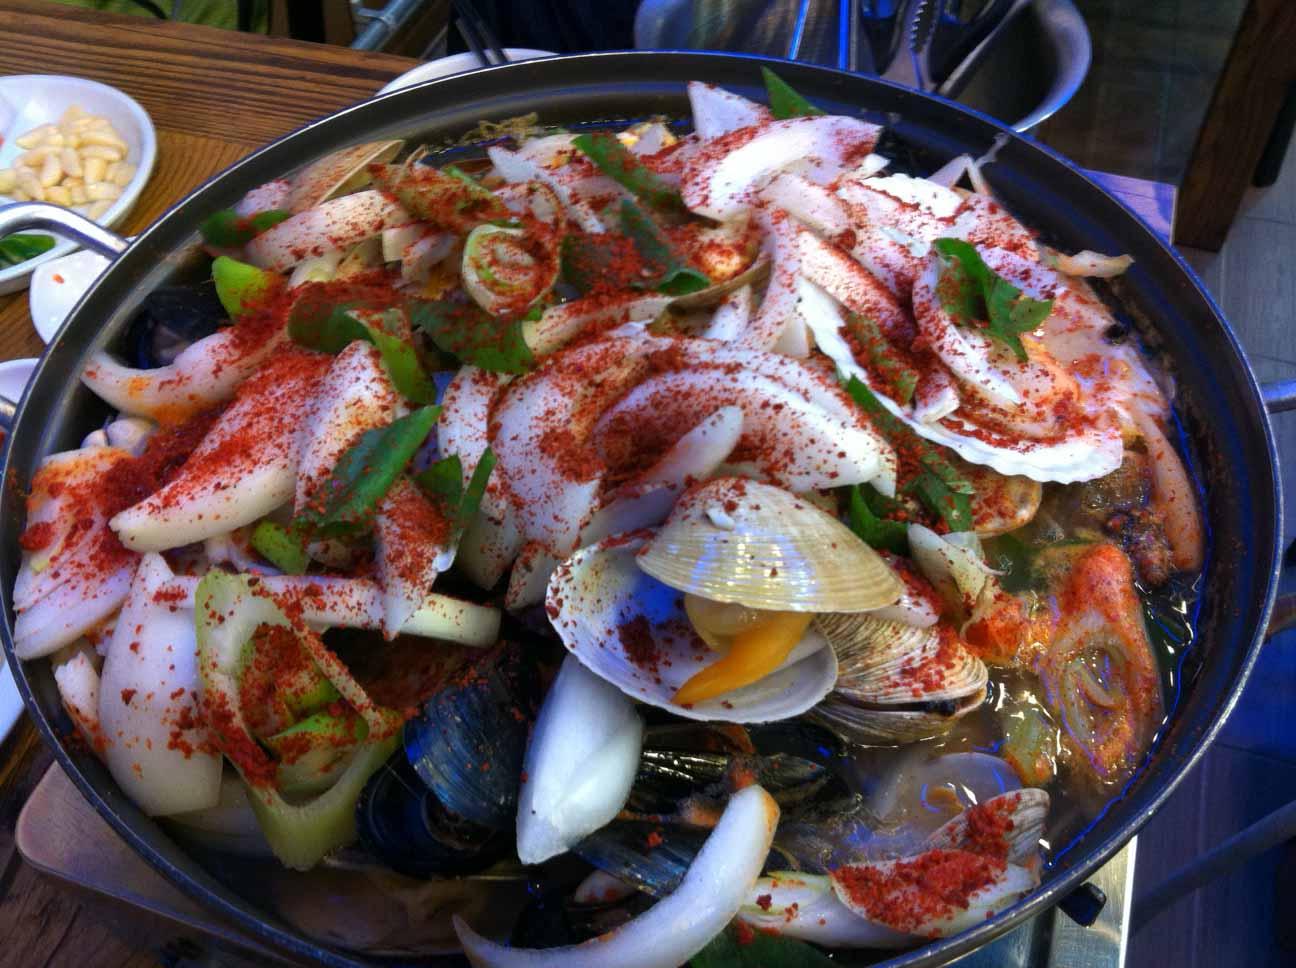 釜山といえば海鮮料理が定番!人気店は?市場ではヘムルタンがおすすめ!